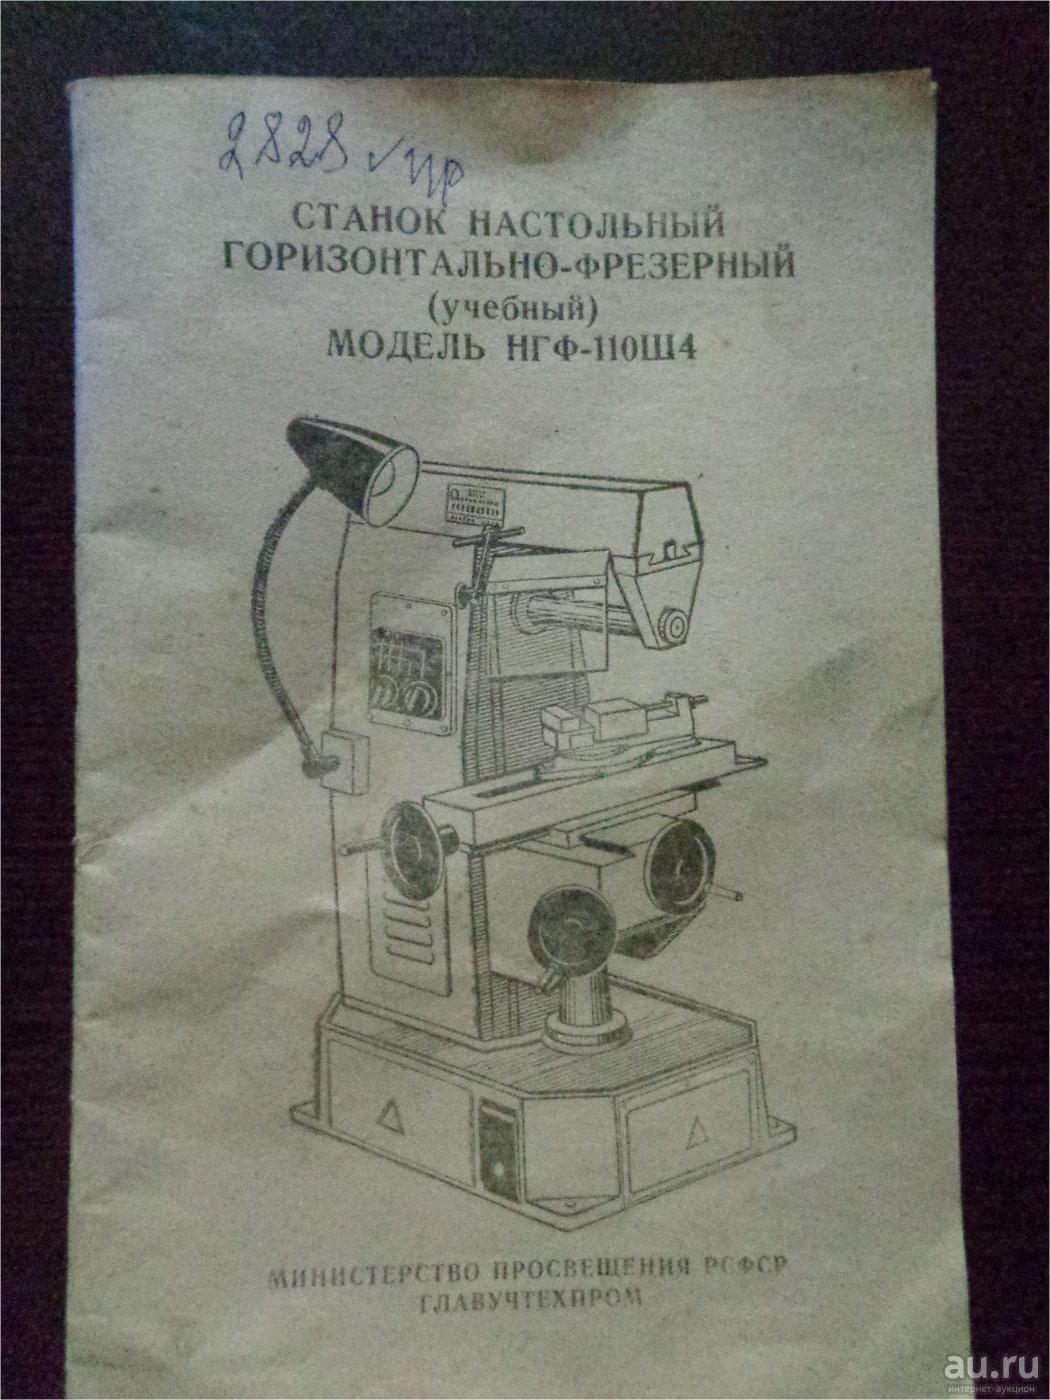 Фрезерный станок нгф-110: технические характеристики, схемы